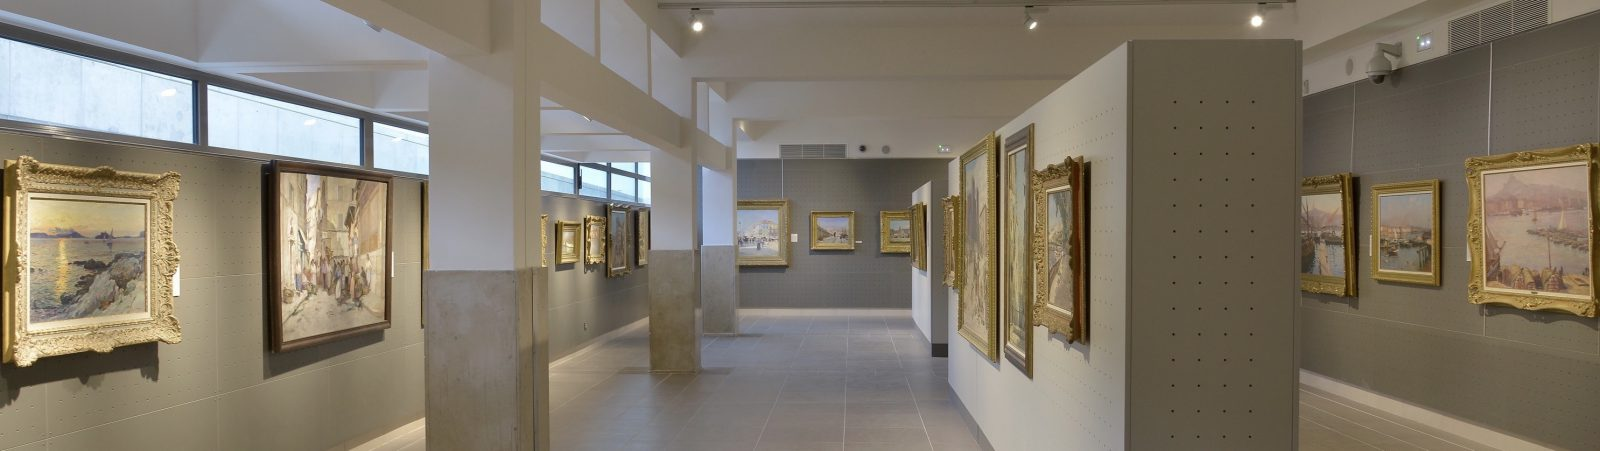 Salle Regards de Provence oeuvres sur Marseille © Jean Bernard